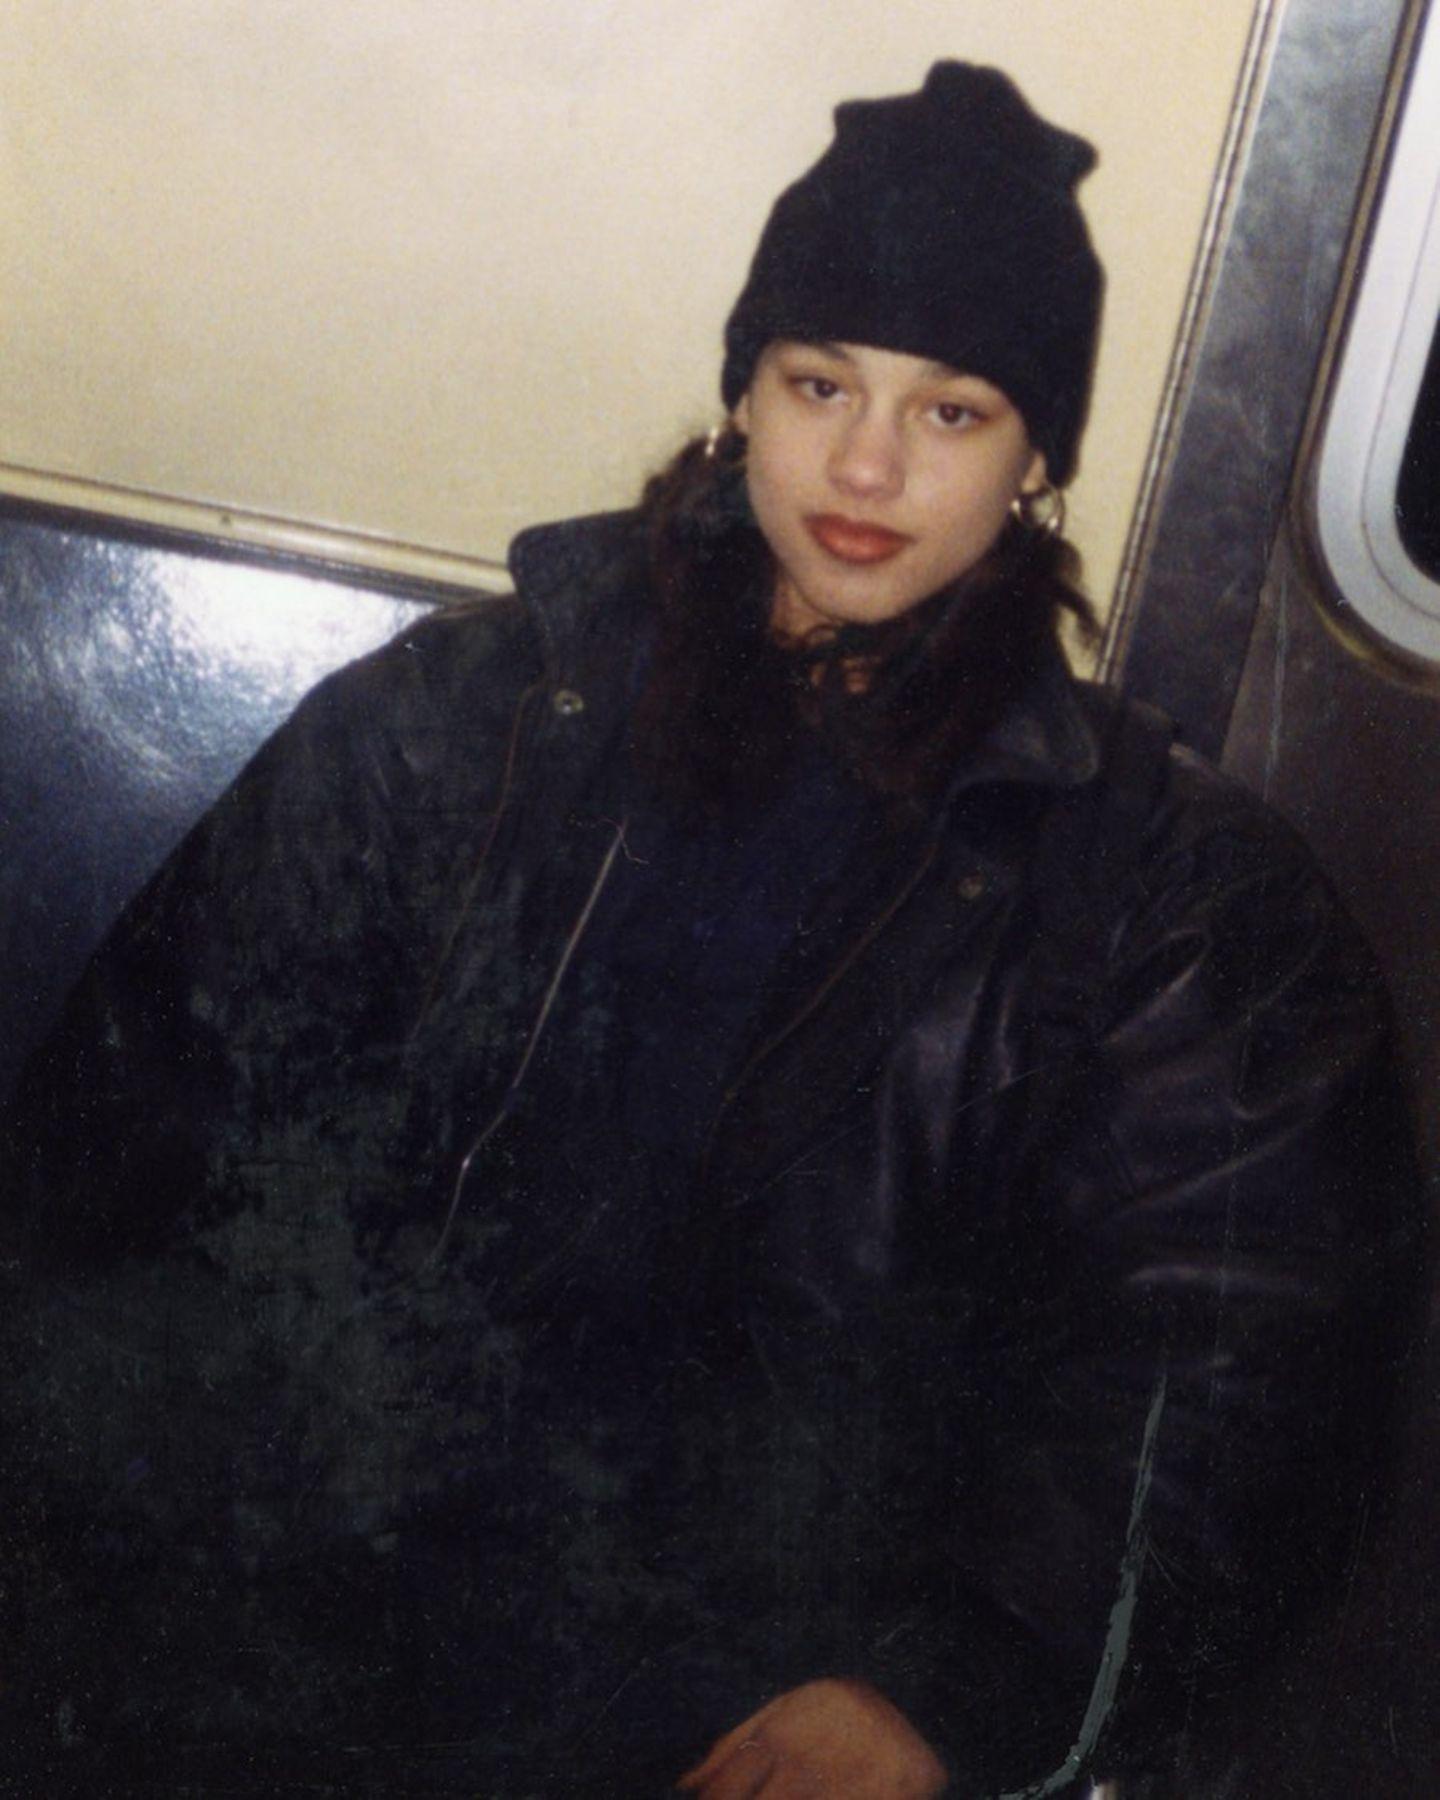 Alicia Keys  Cool schaut der berühmte Teenager in die Kamera. Die Sängerin wurde schnell selbstständig und fing als 11-Jährige mit dem Bahn fahren durch New York an, wie sie ihren Followern auf Instagram verrät. Der Schnappschuss zeigt sie auf einer ihrer Touren im Alter von 13 Jahren.